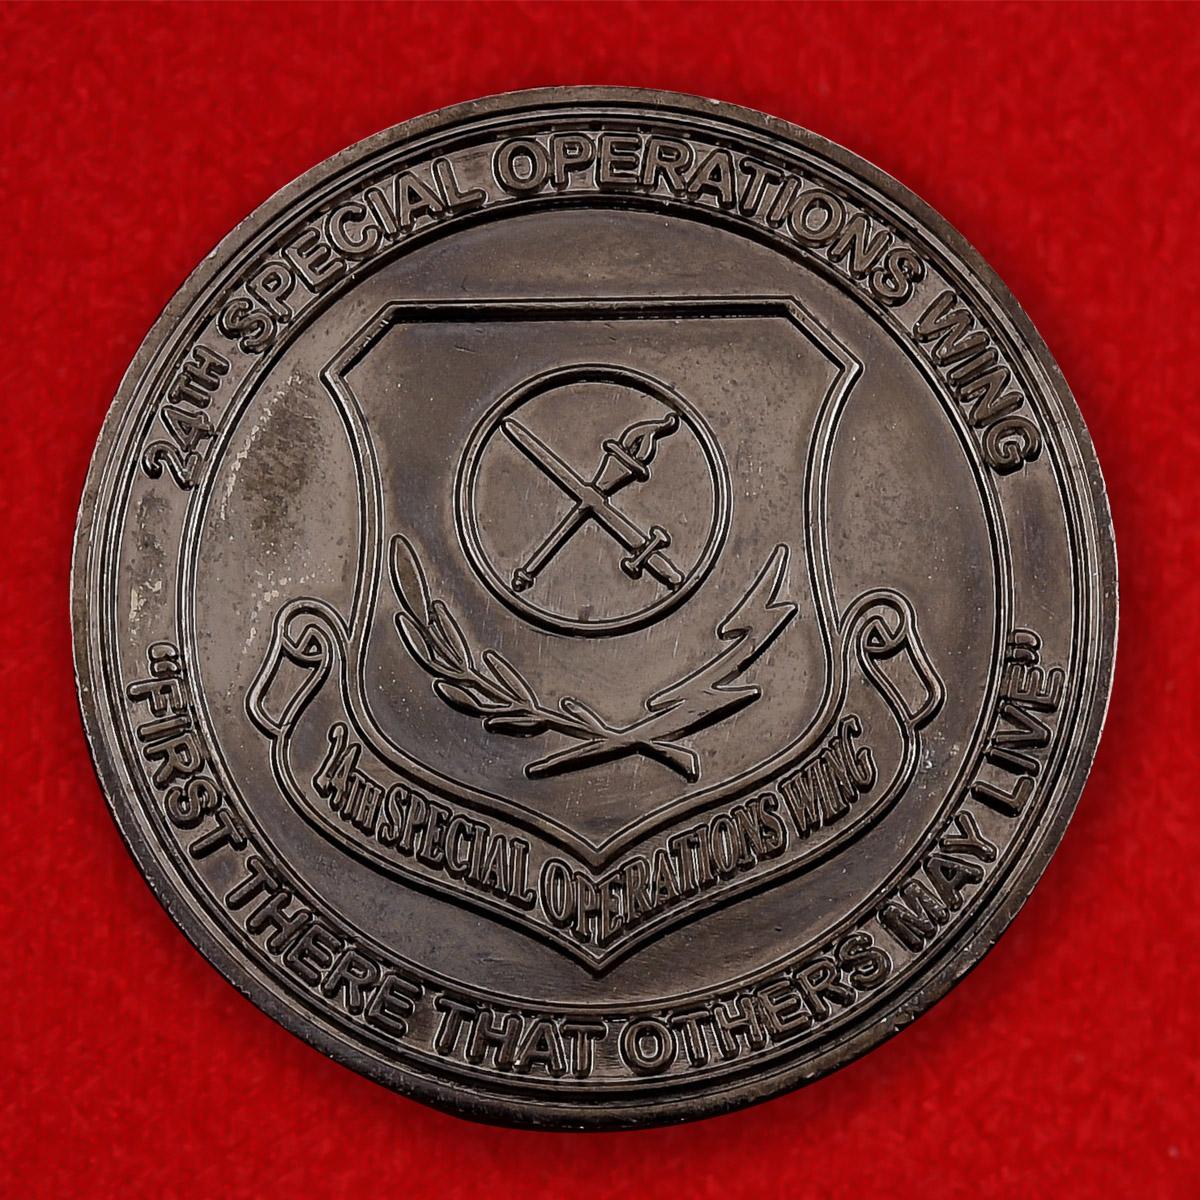 """Челлендж коин """"От командира 24-го крыла специальных операций"""""""